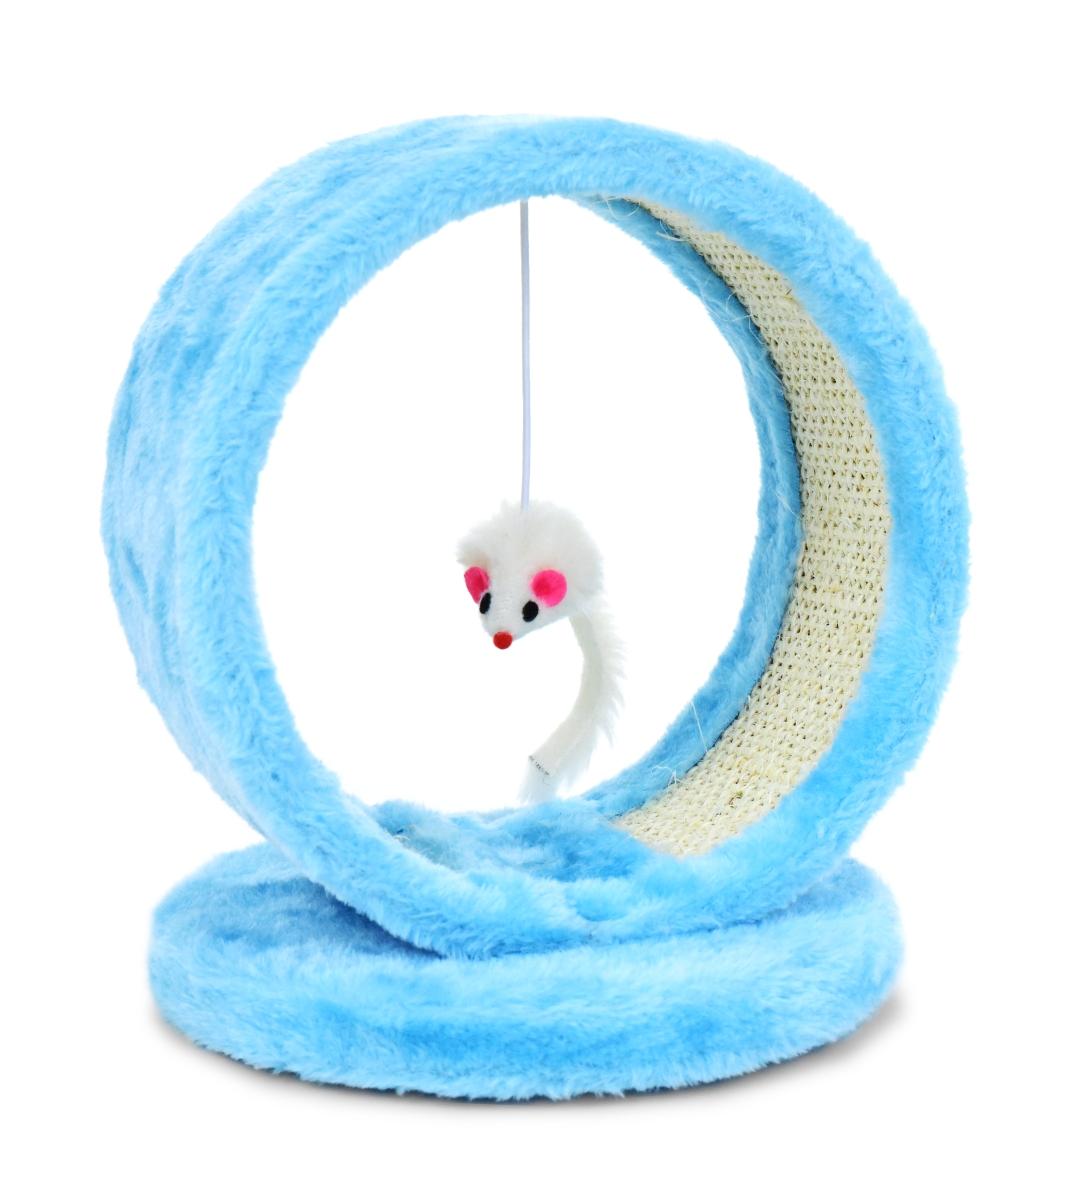 Kočičí škrabadlo uvnitř s hračkou ve tvaru myšky